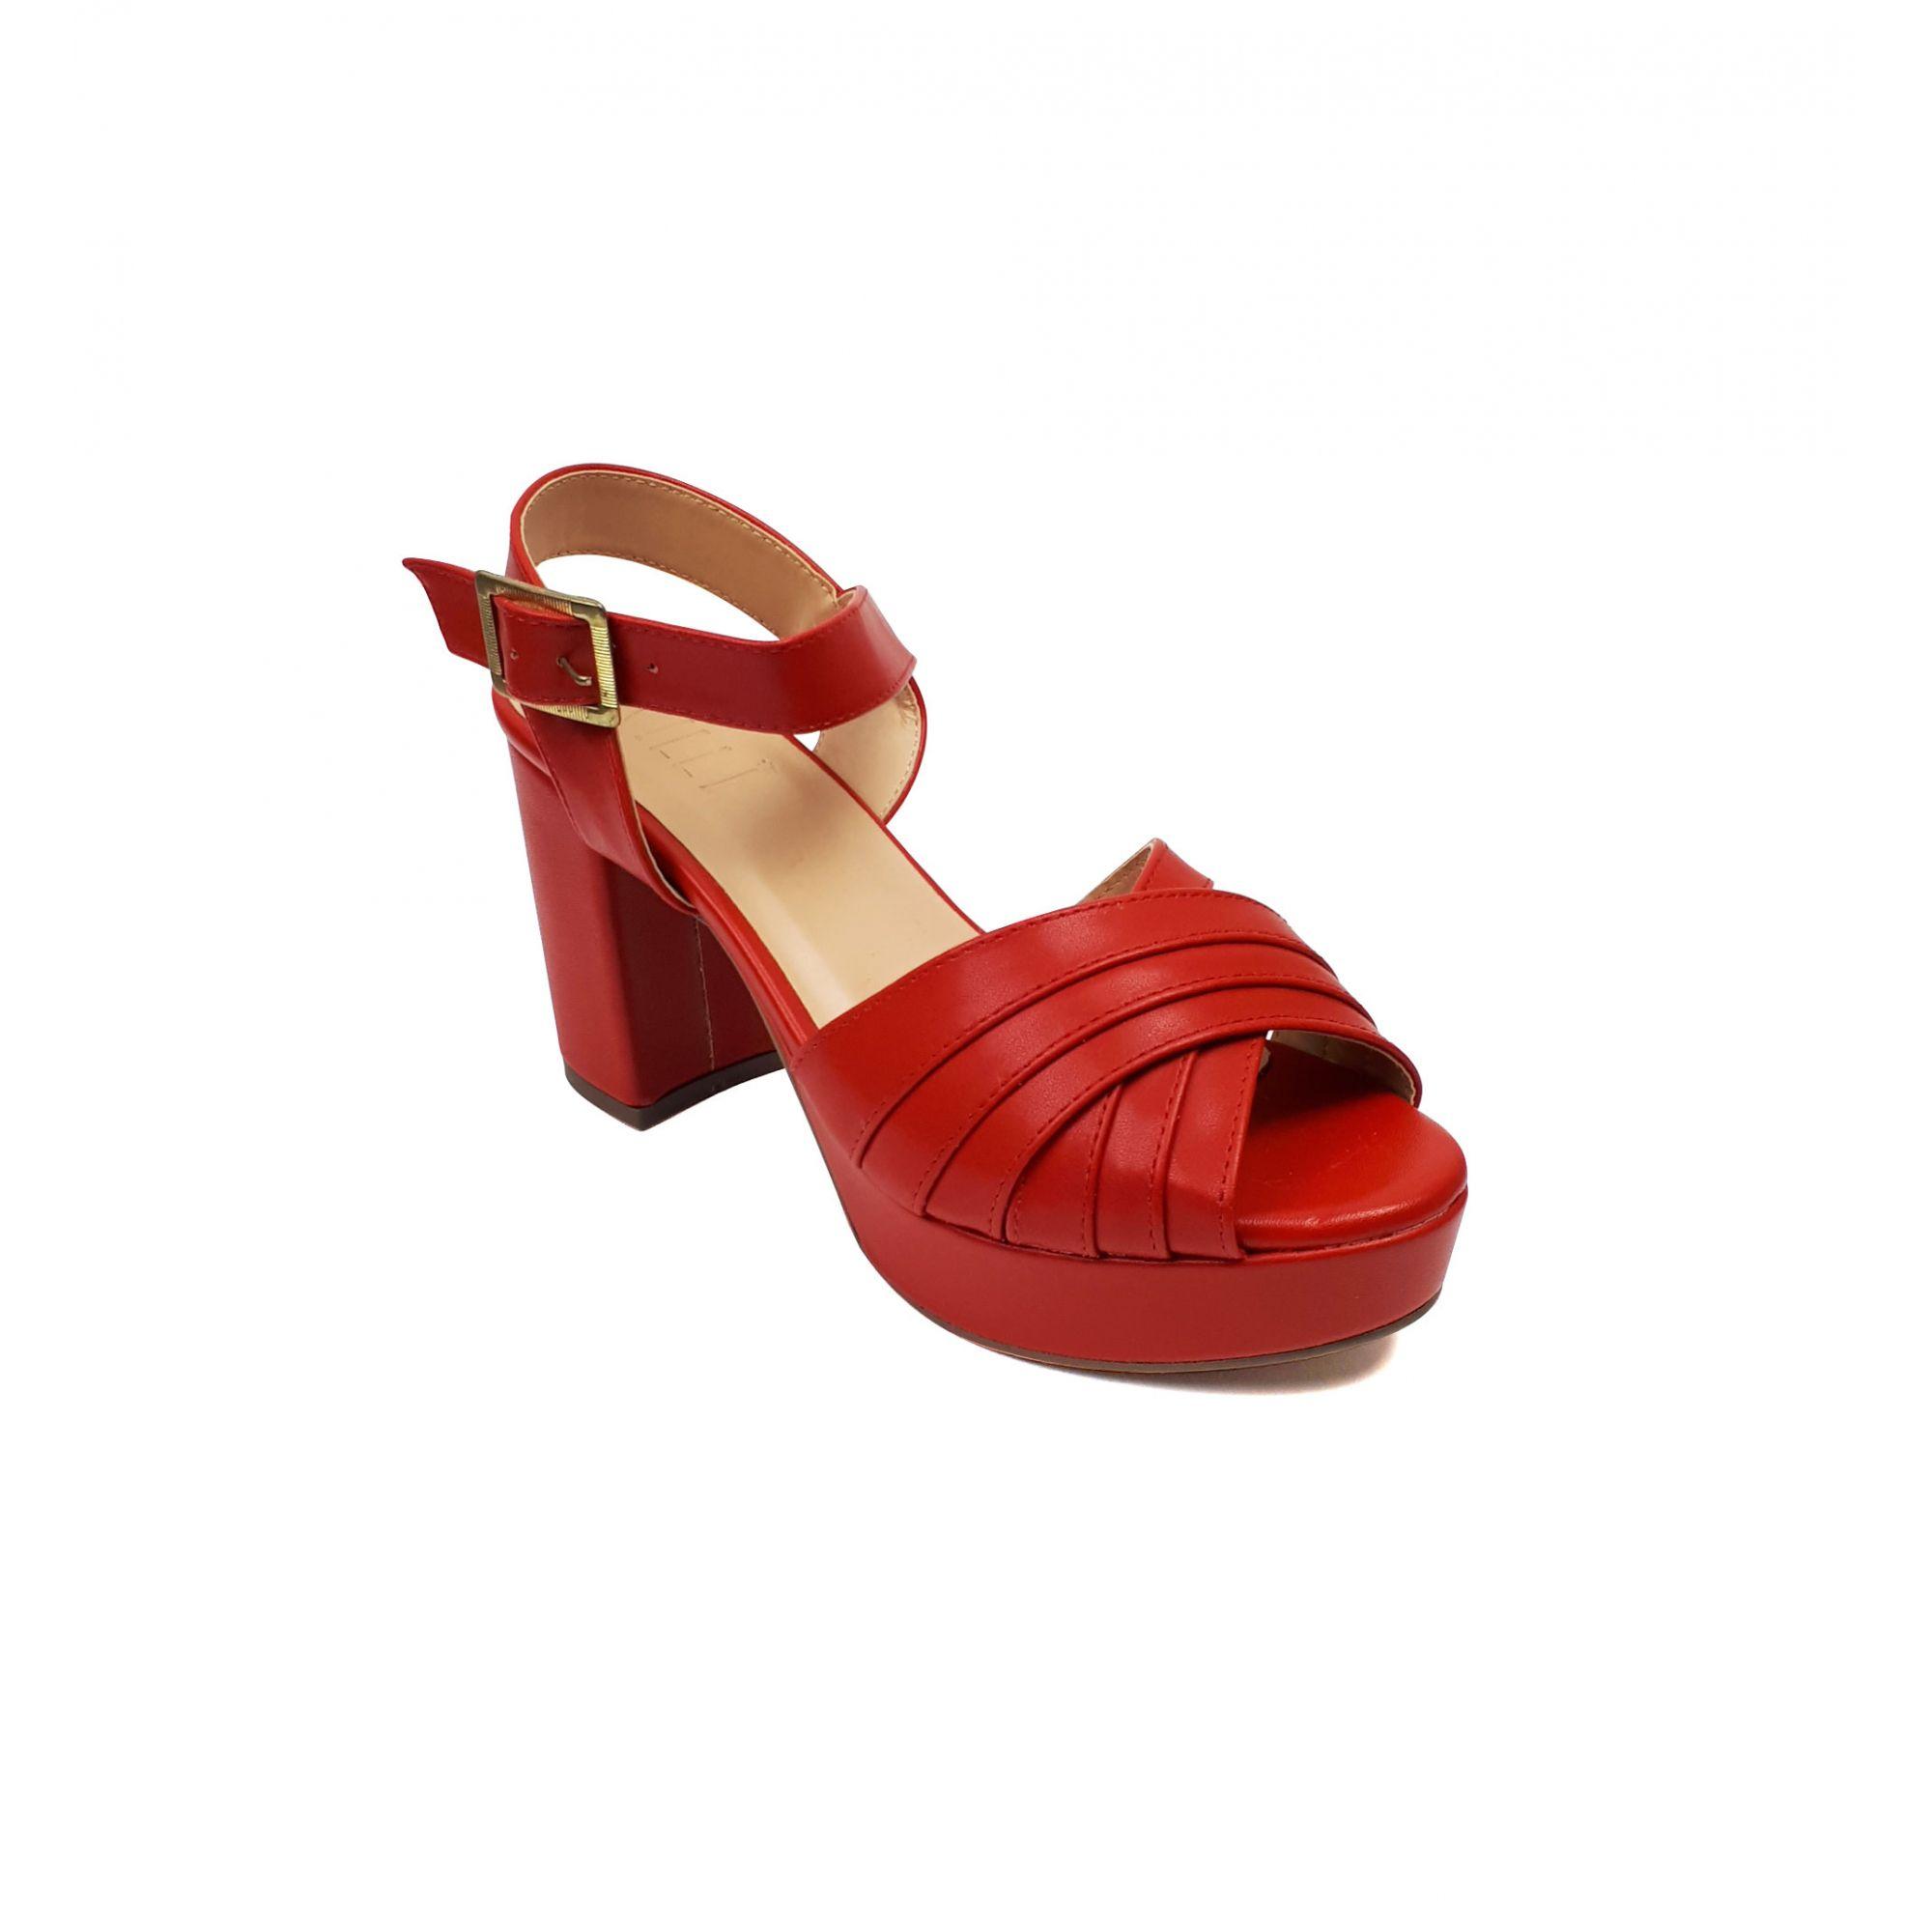 Sandália Milli meia pata com pesponto vermelha